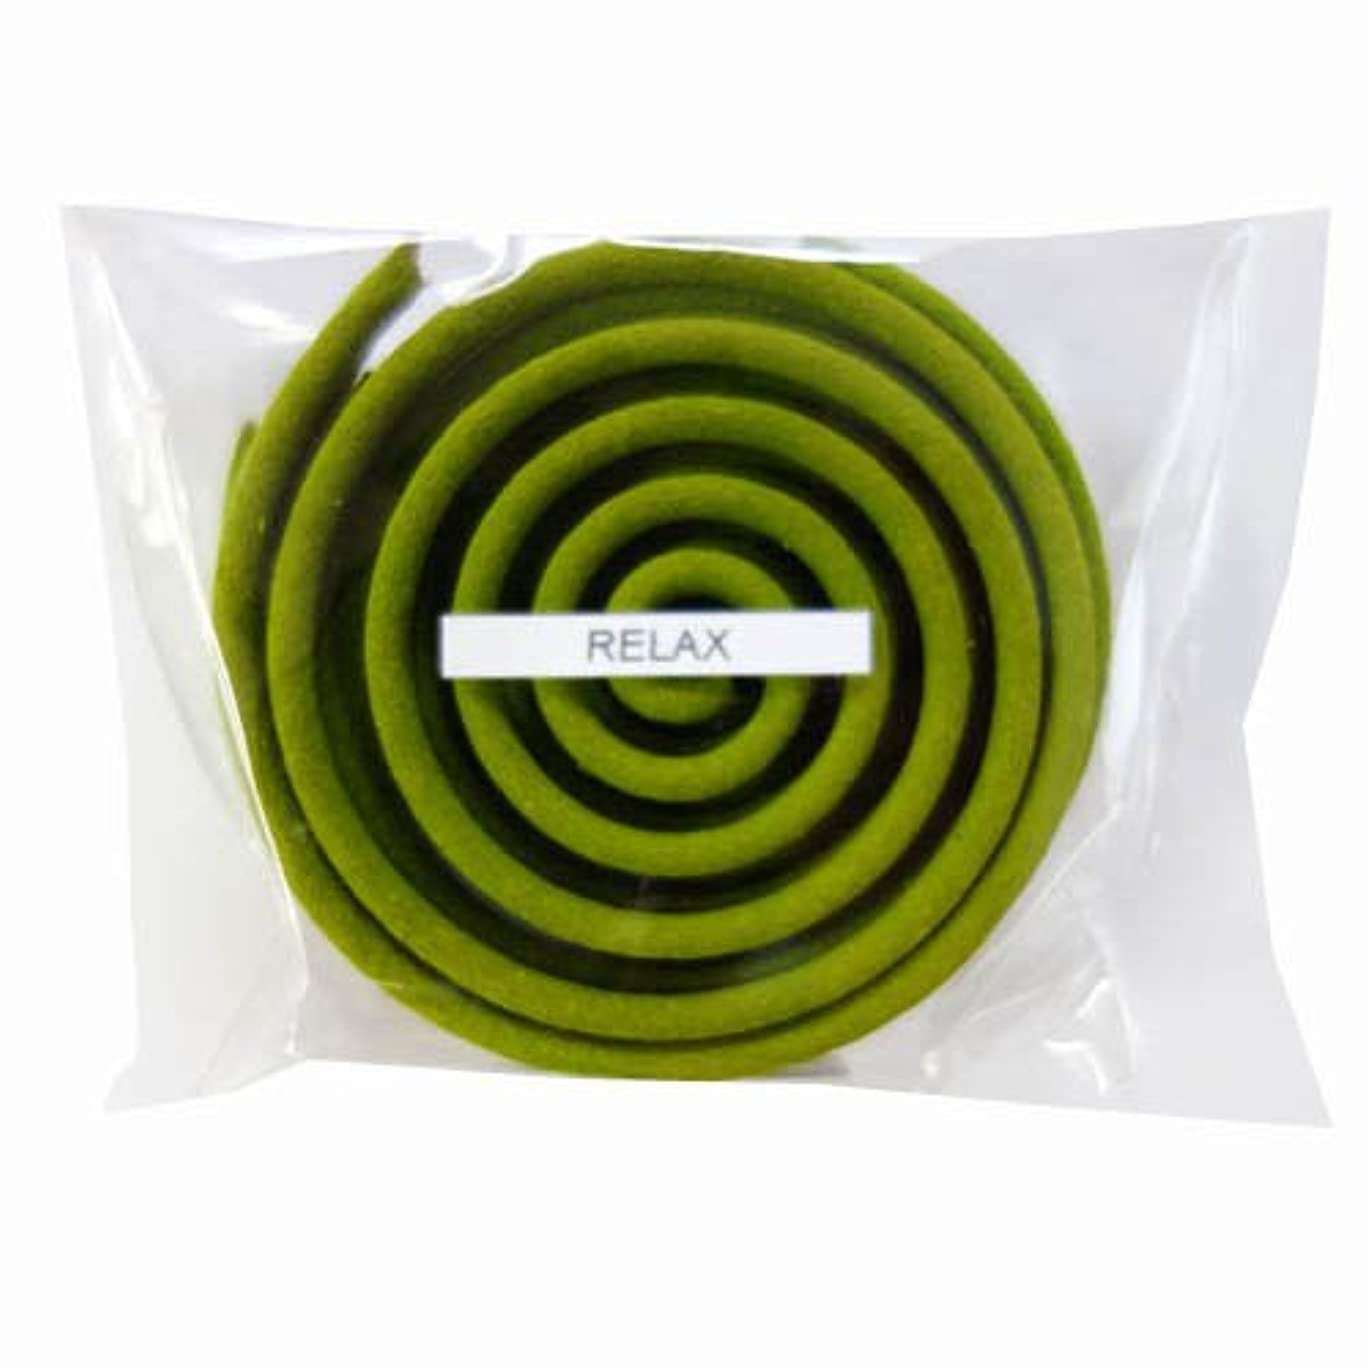 グループタブレットテザーお香/うずまき香 RELAX リラックス 直径6.5cm×5巻セット [並行輸入品]